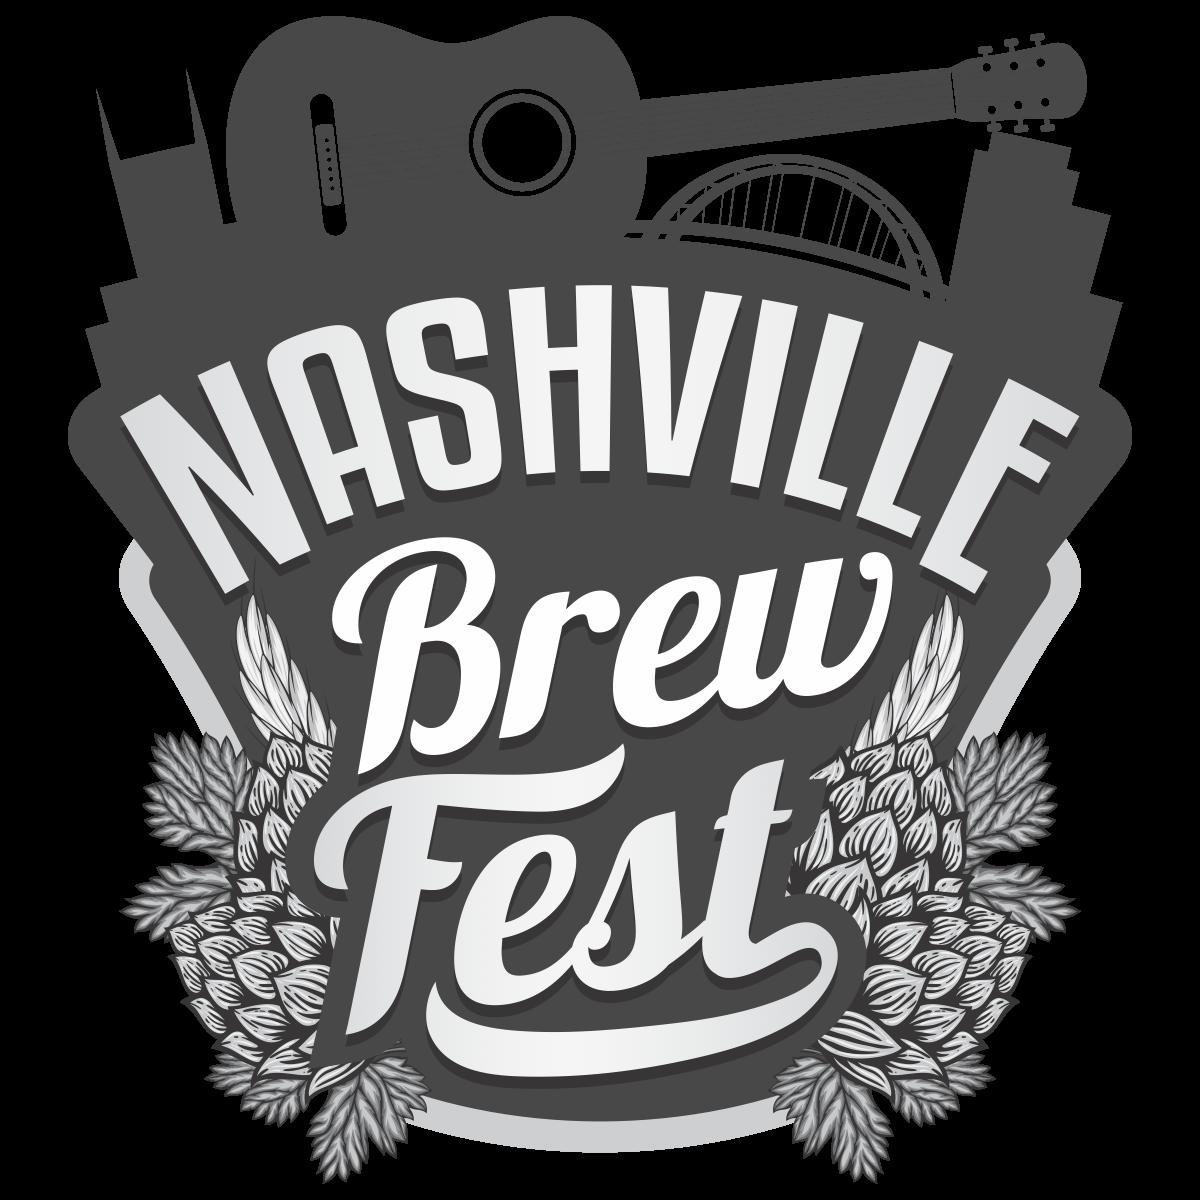 Nashville beer logo